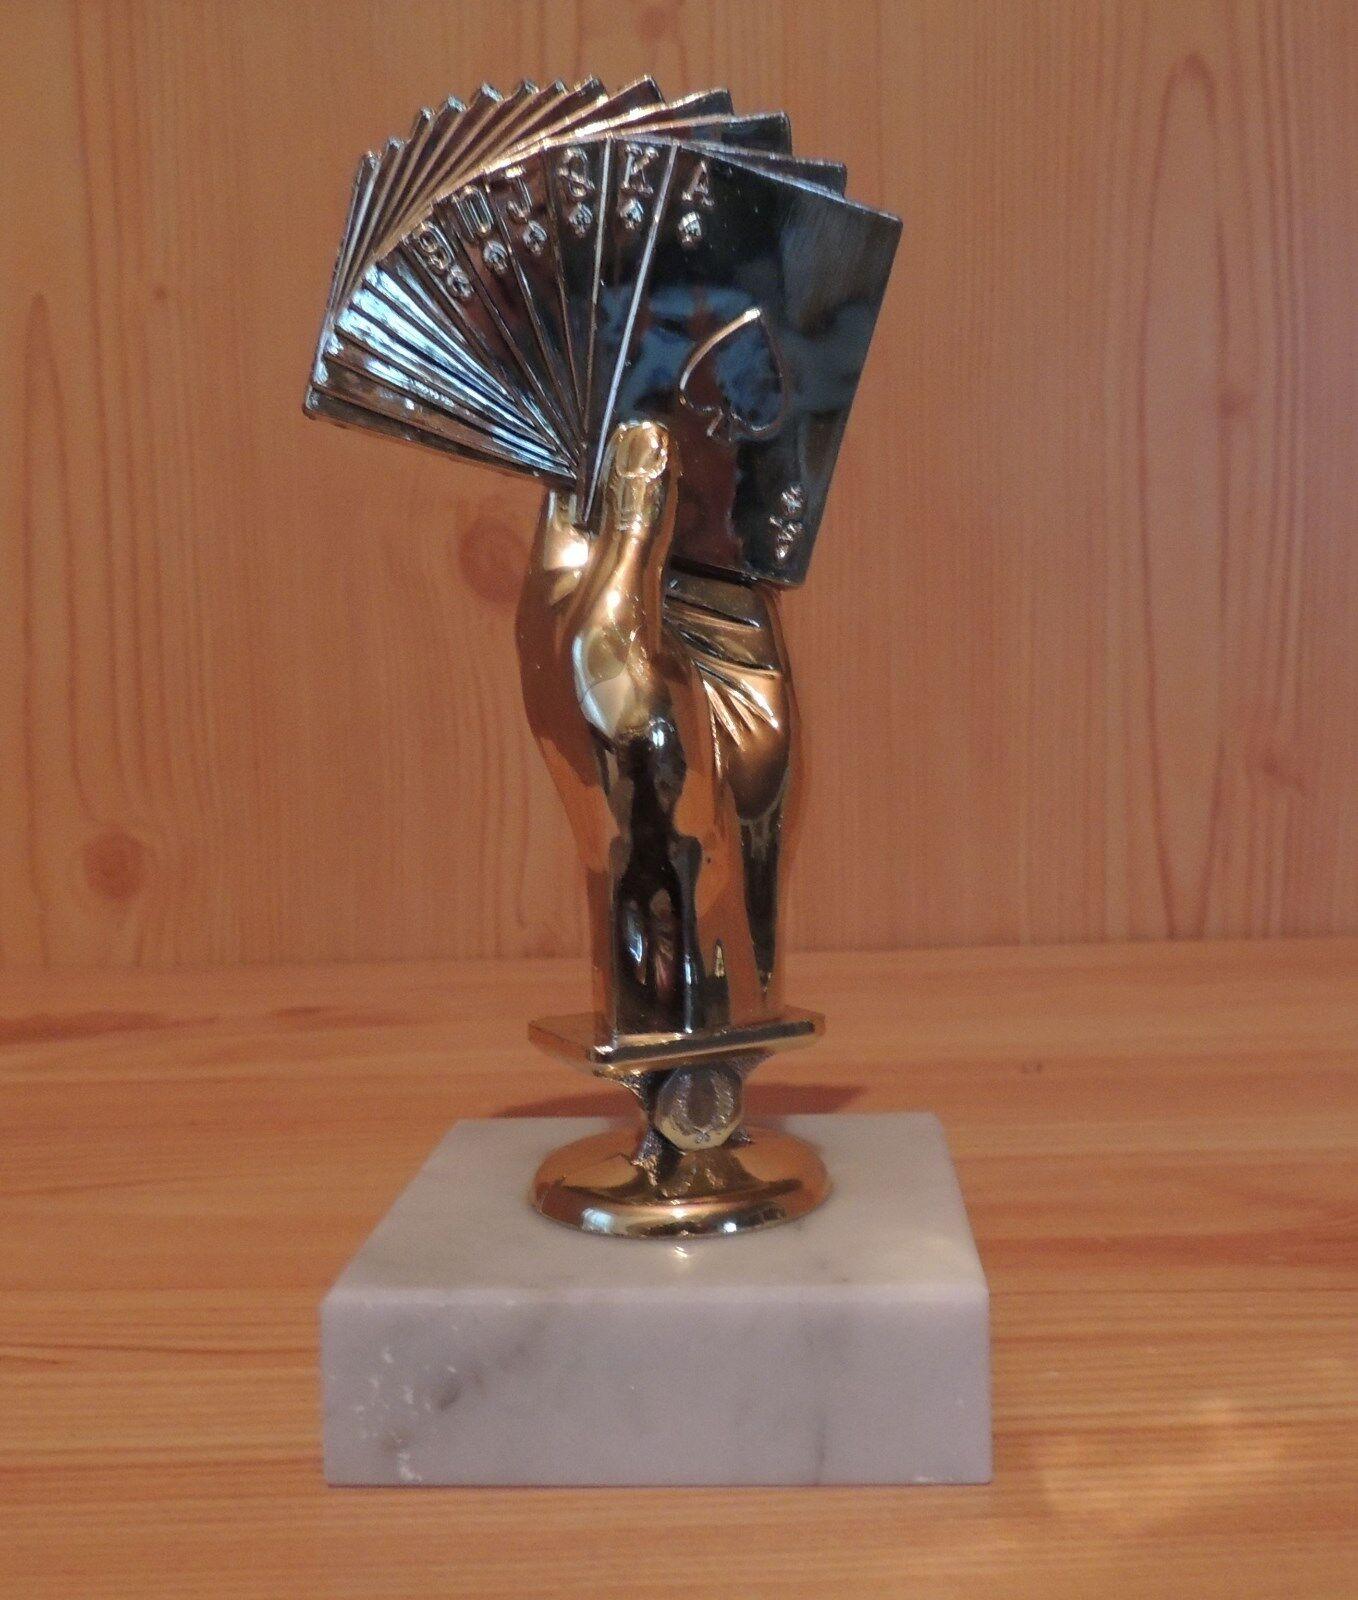 10 Figuren Figuren Figuren Bridge 14cm mit Marmor Kartenspiele Romee usw. Selbstmontage (Pokale) 3c4cf7